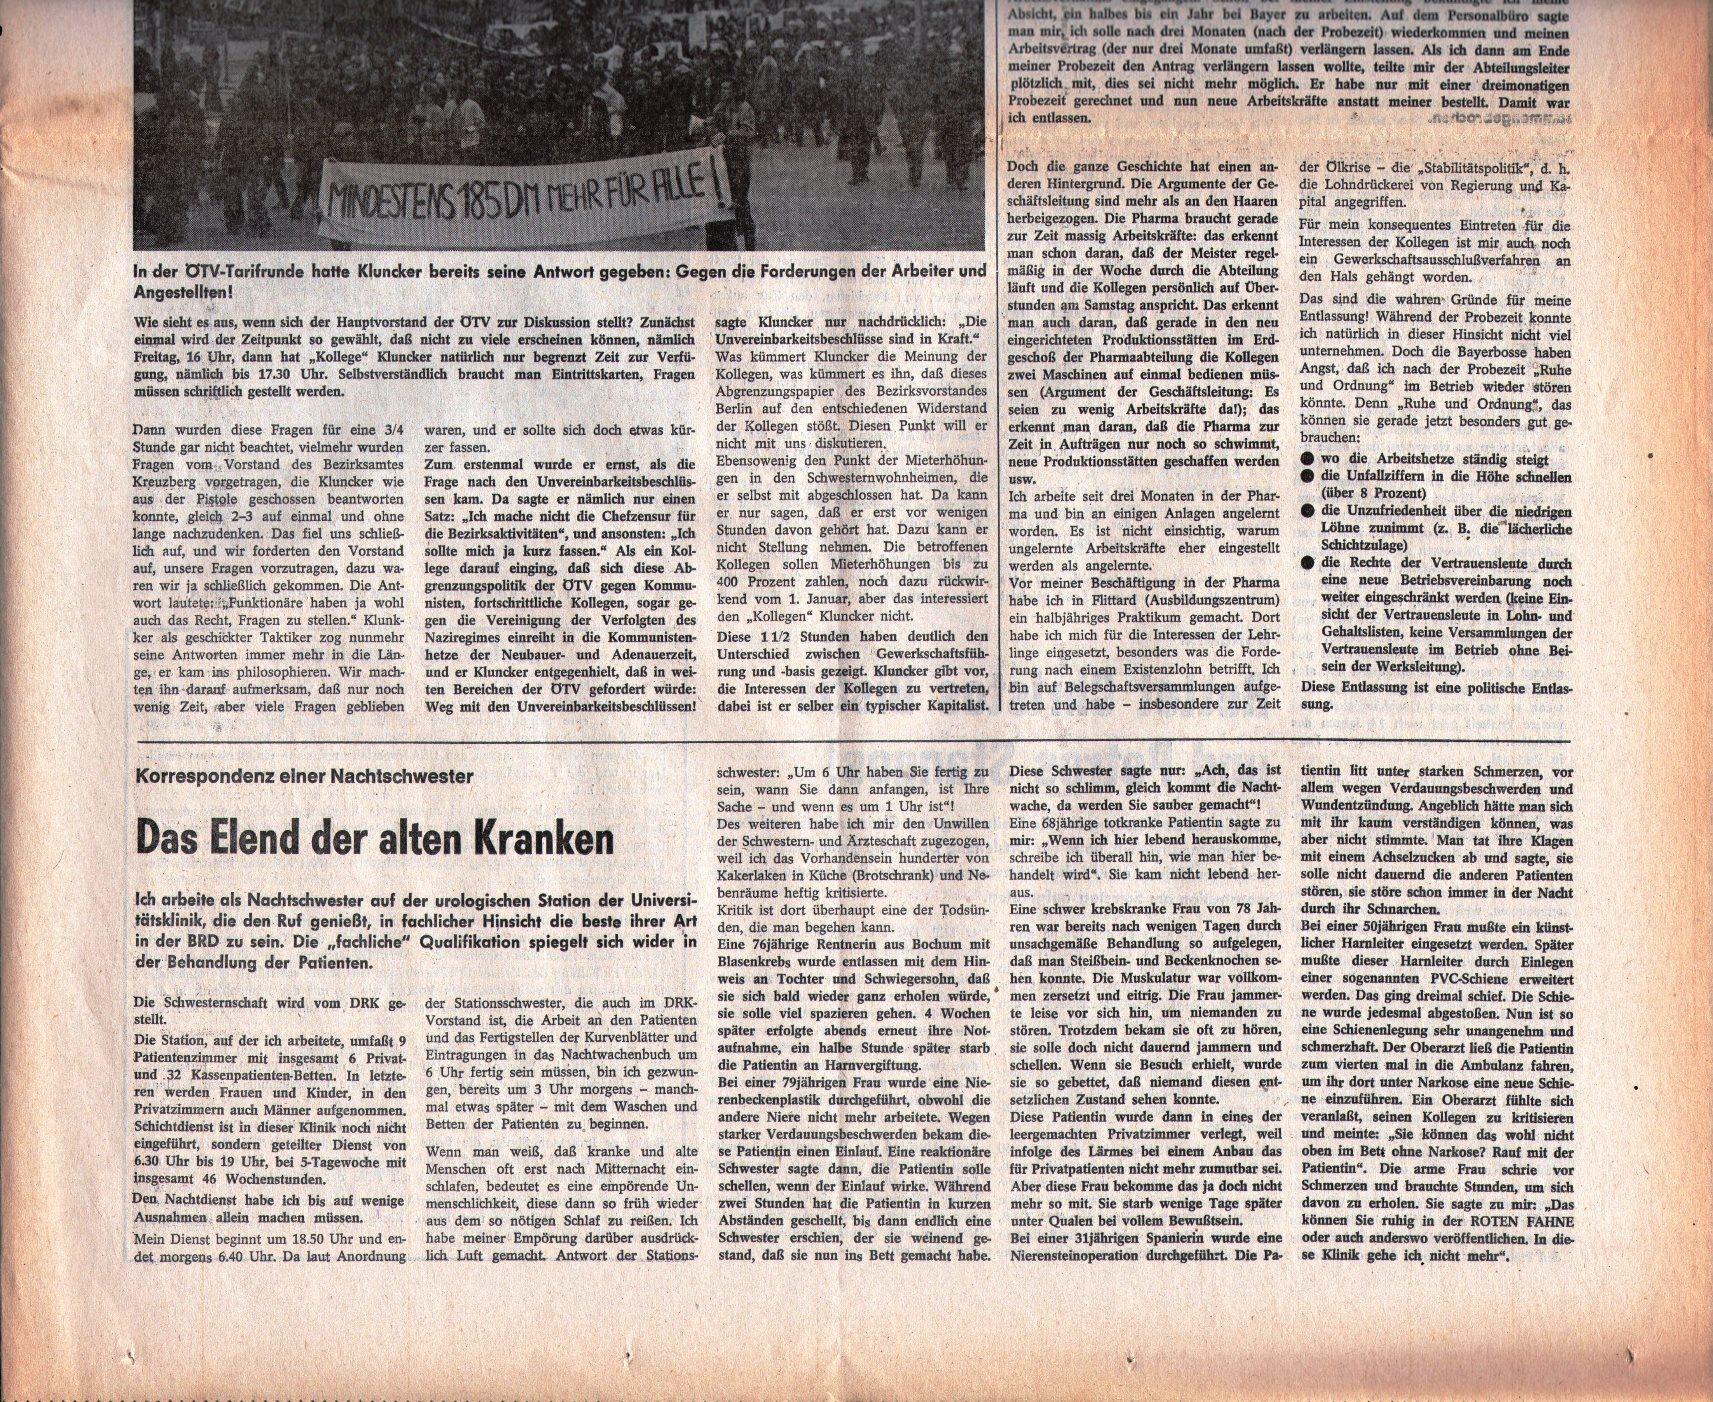 KPD_Rote_Fahne_1974_28_10